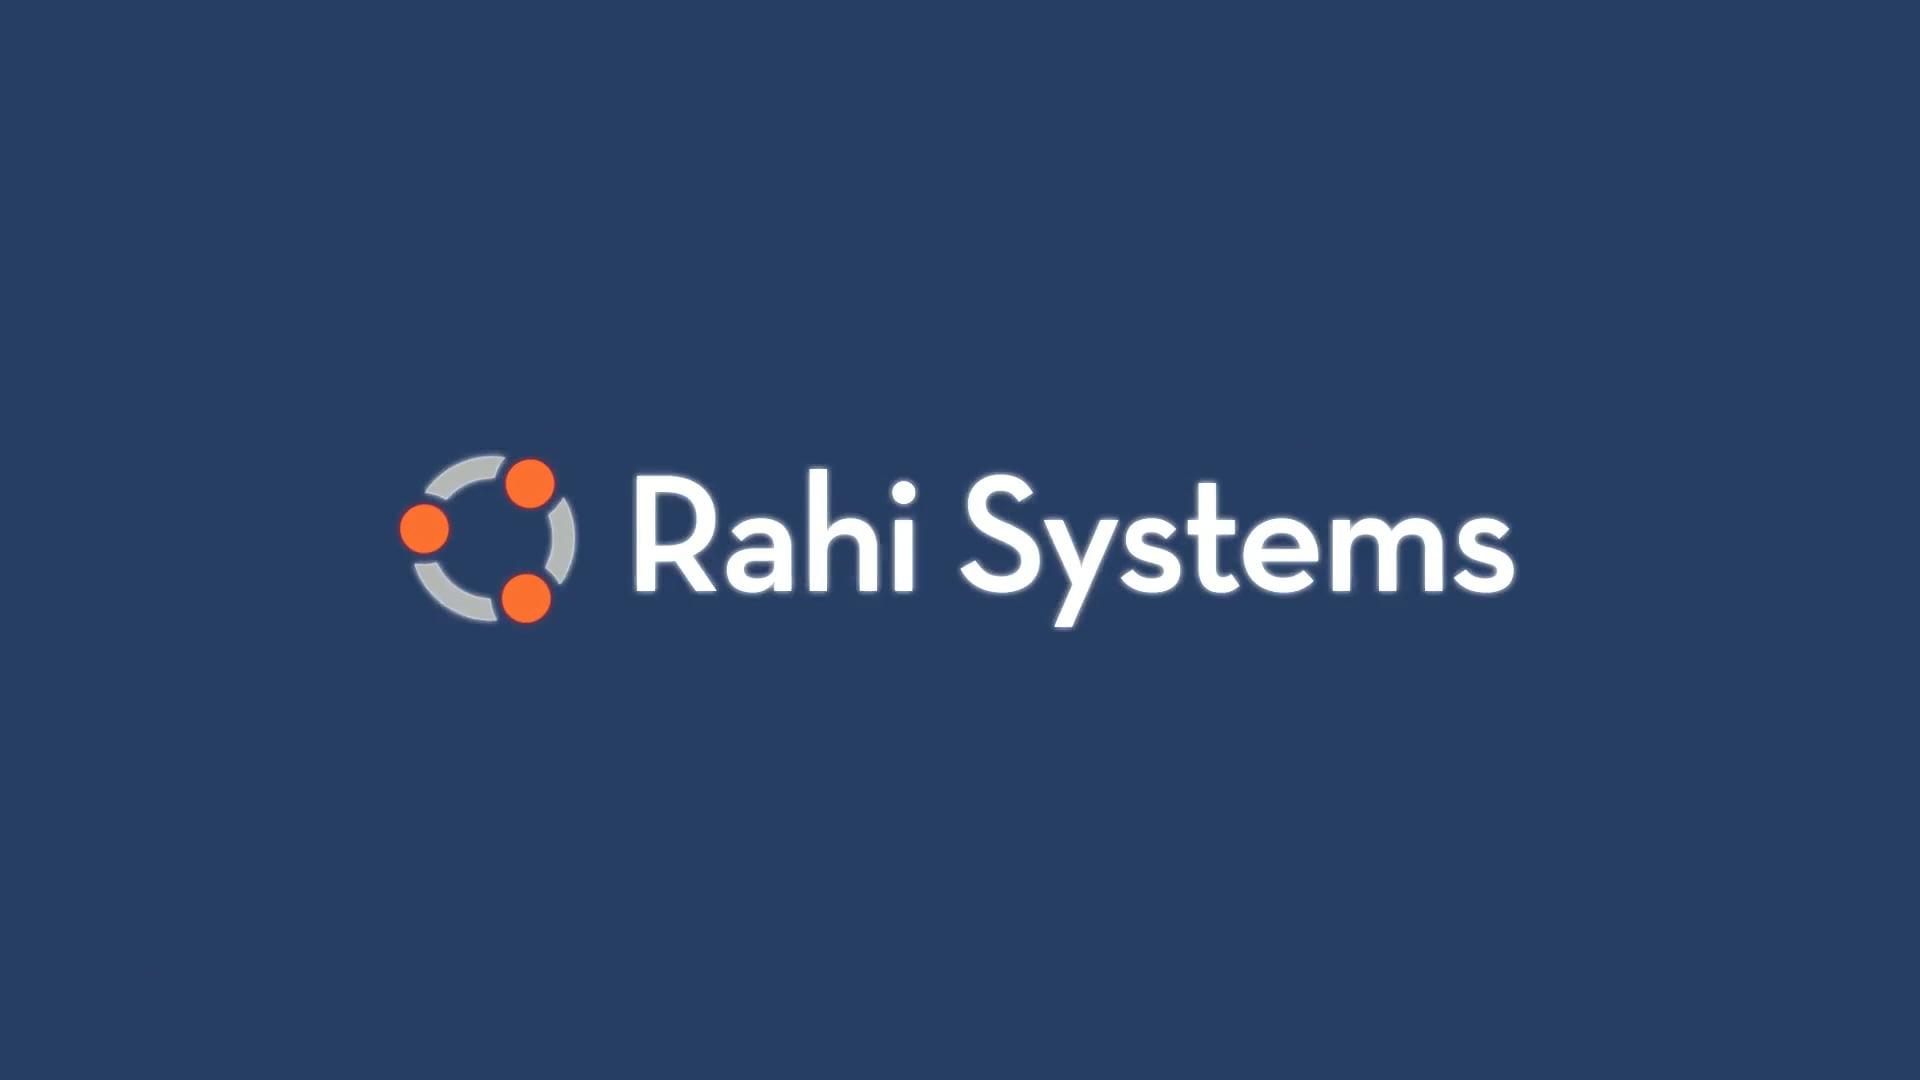 Rahi Systems - EBRC